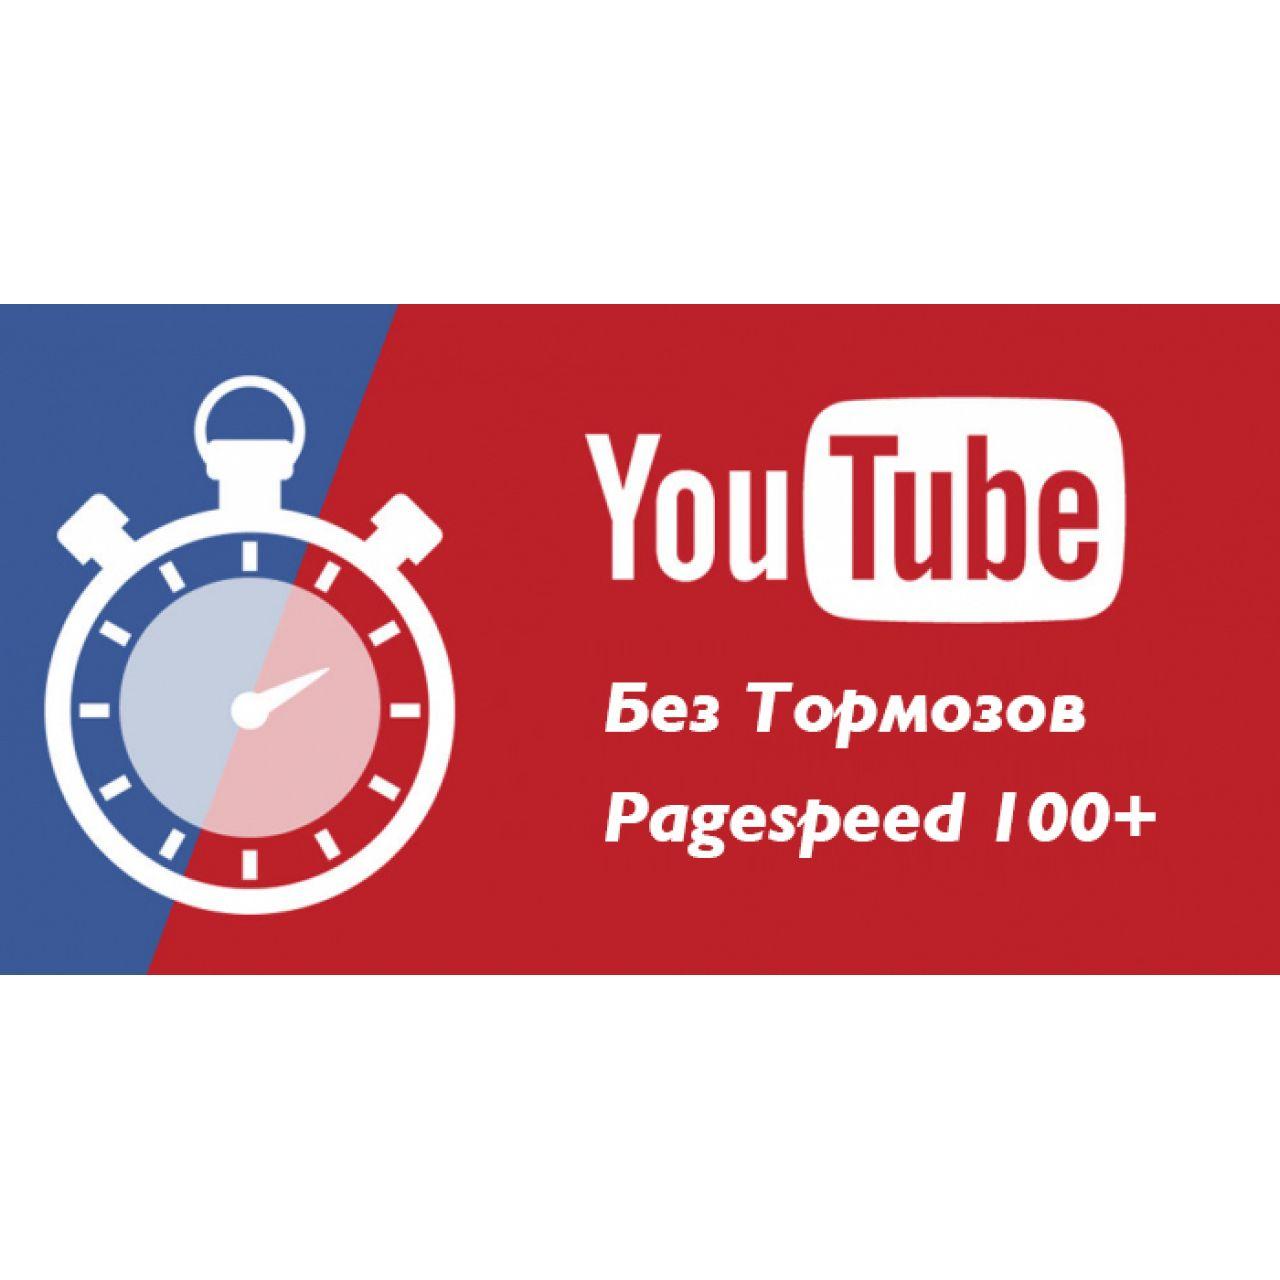 Видео с YouTube без тормозов. Pagespeed ++ Opencart 2.x из категории Кэширование, Сжатие, Ускорение для CMS OpenCart (ОпенКарт)